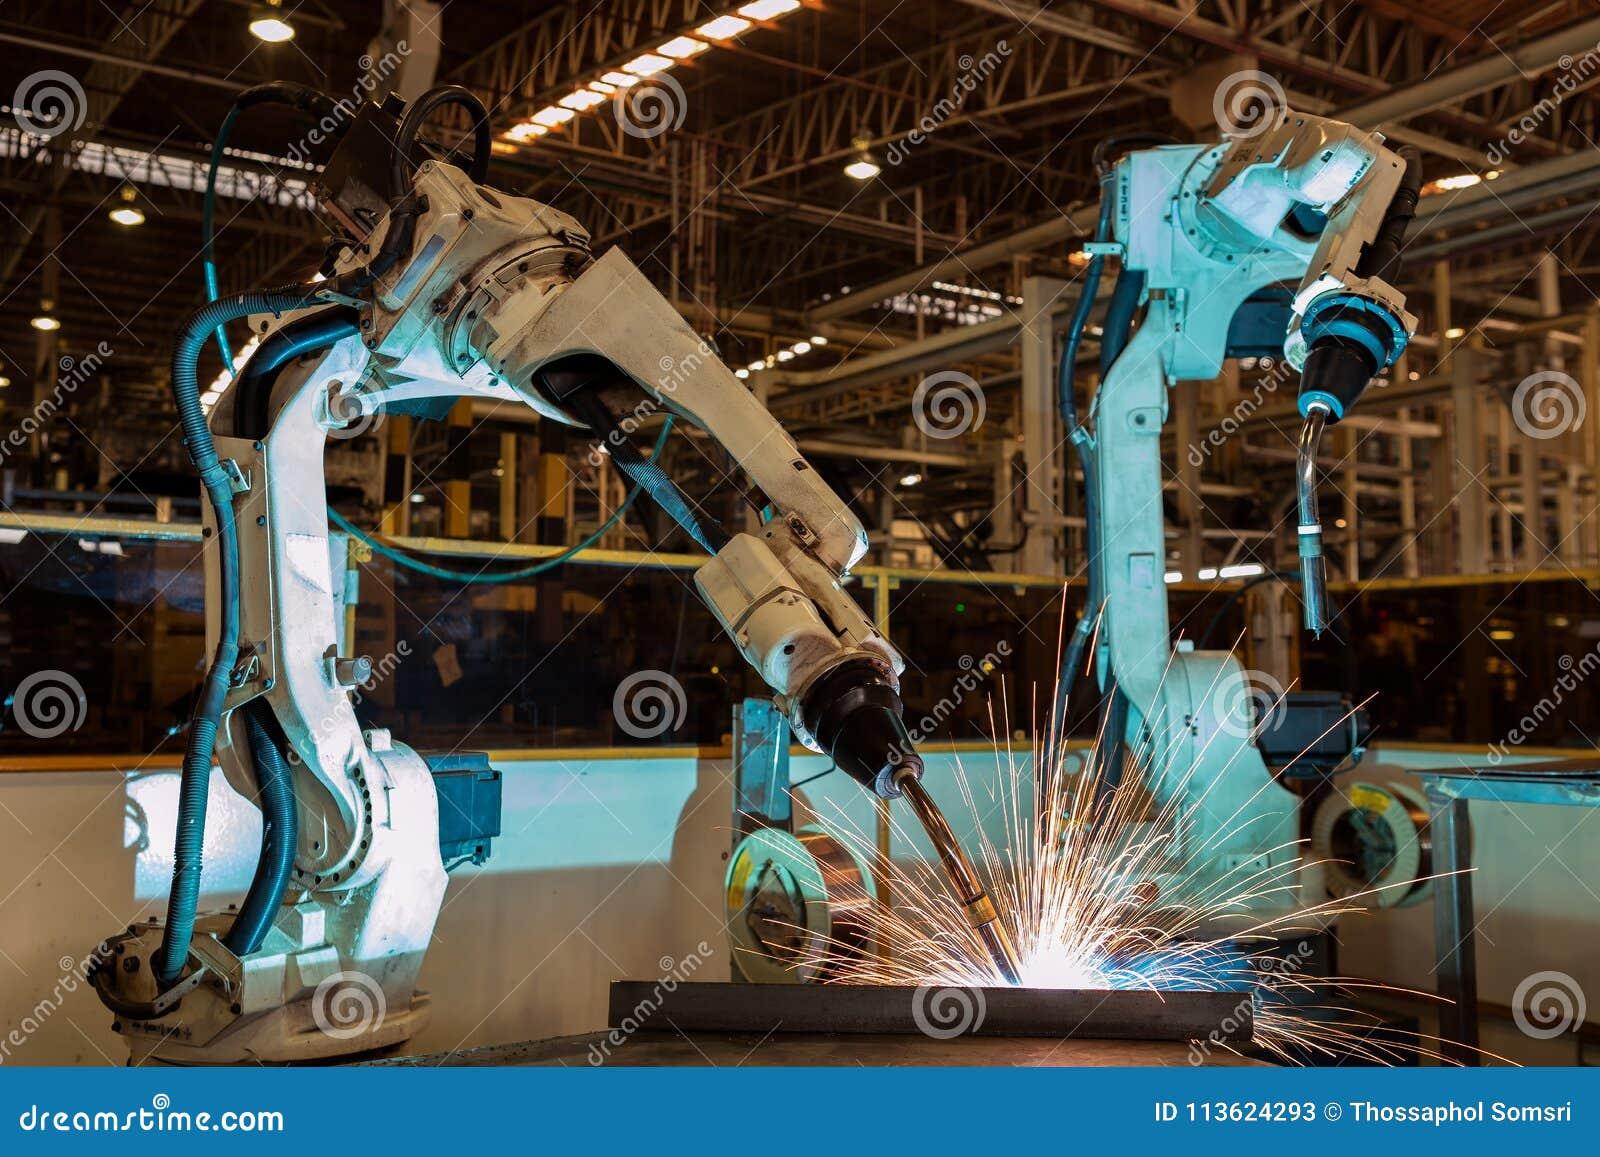 De industriële robot is het nieuwe programma van de testlooppas in automobielfabriek